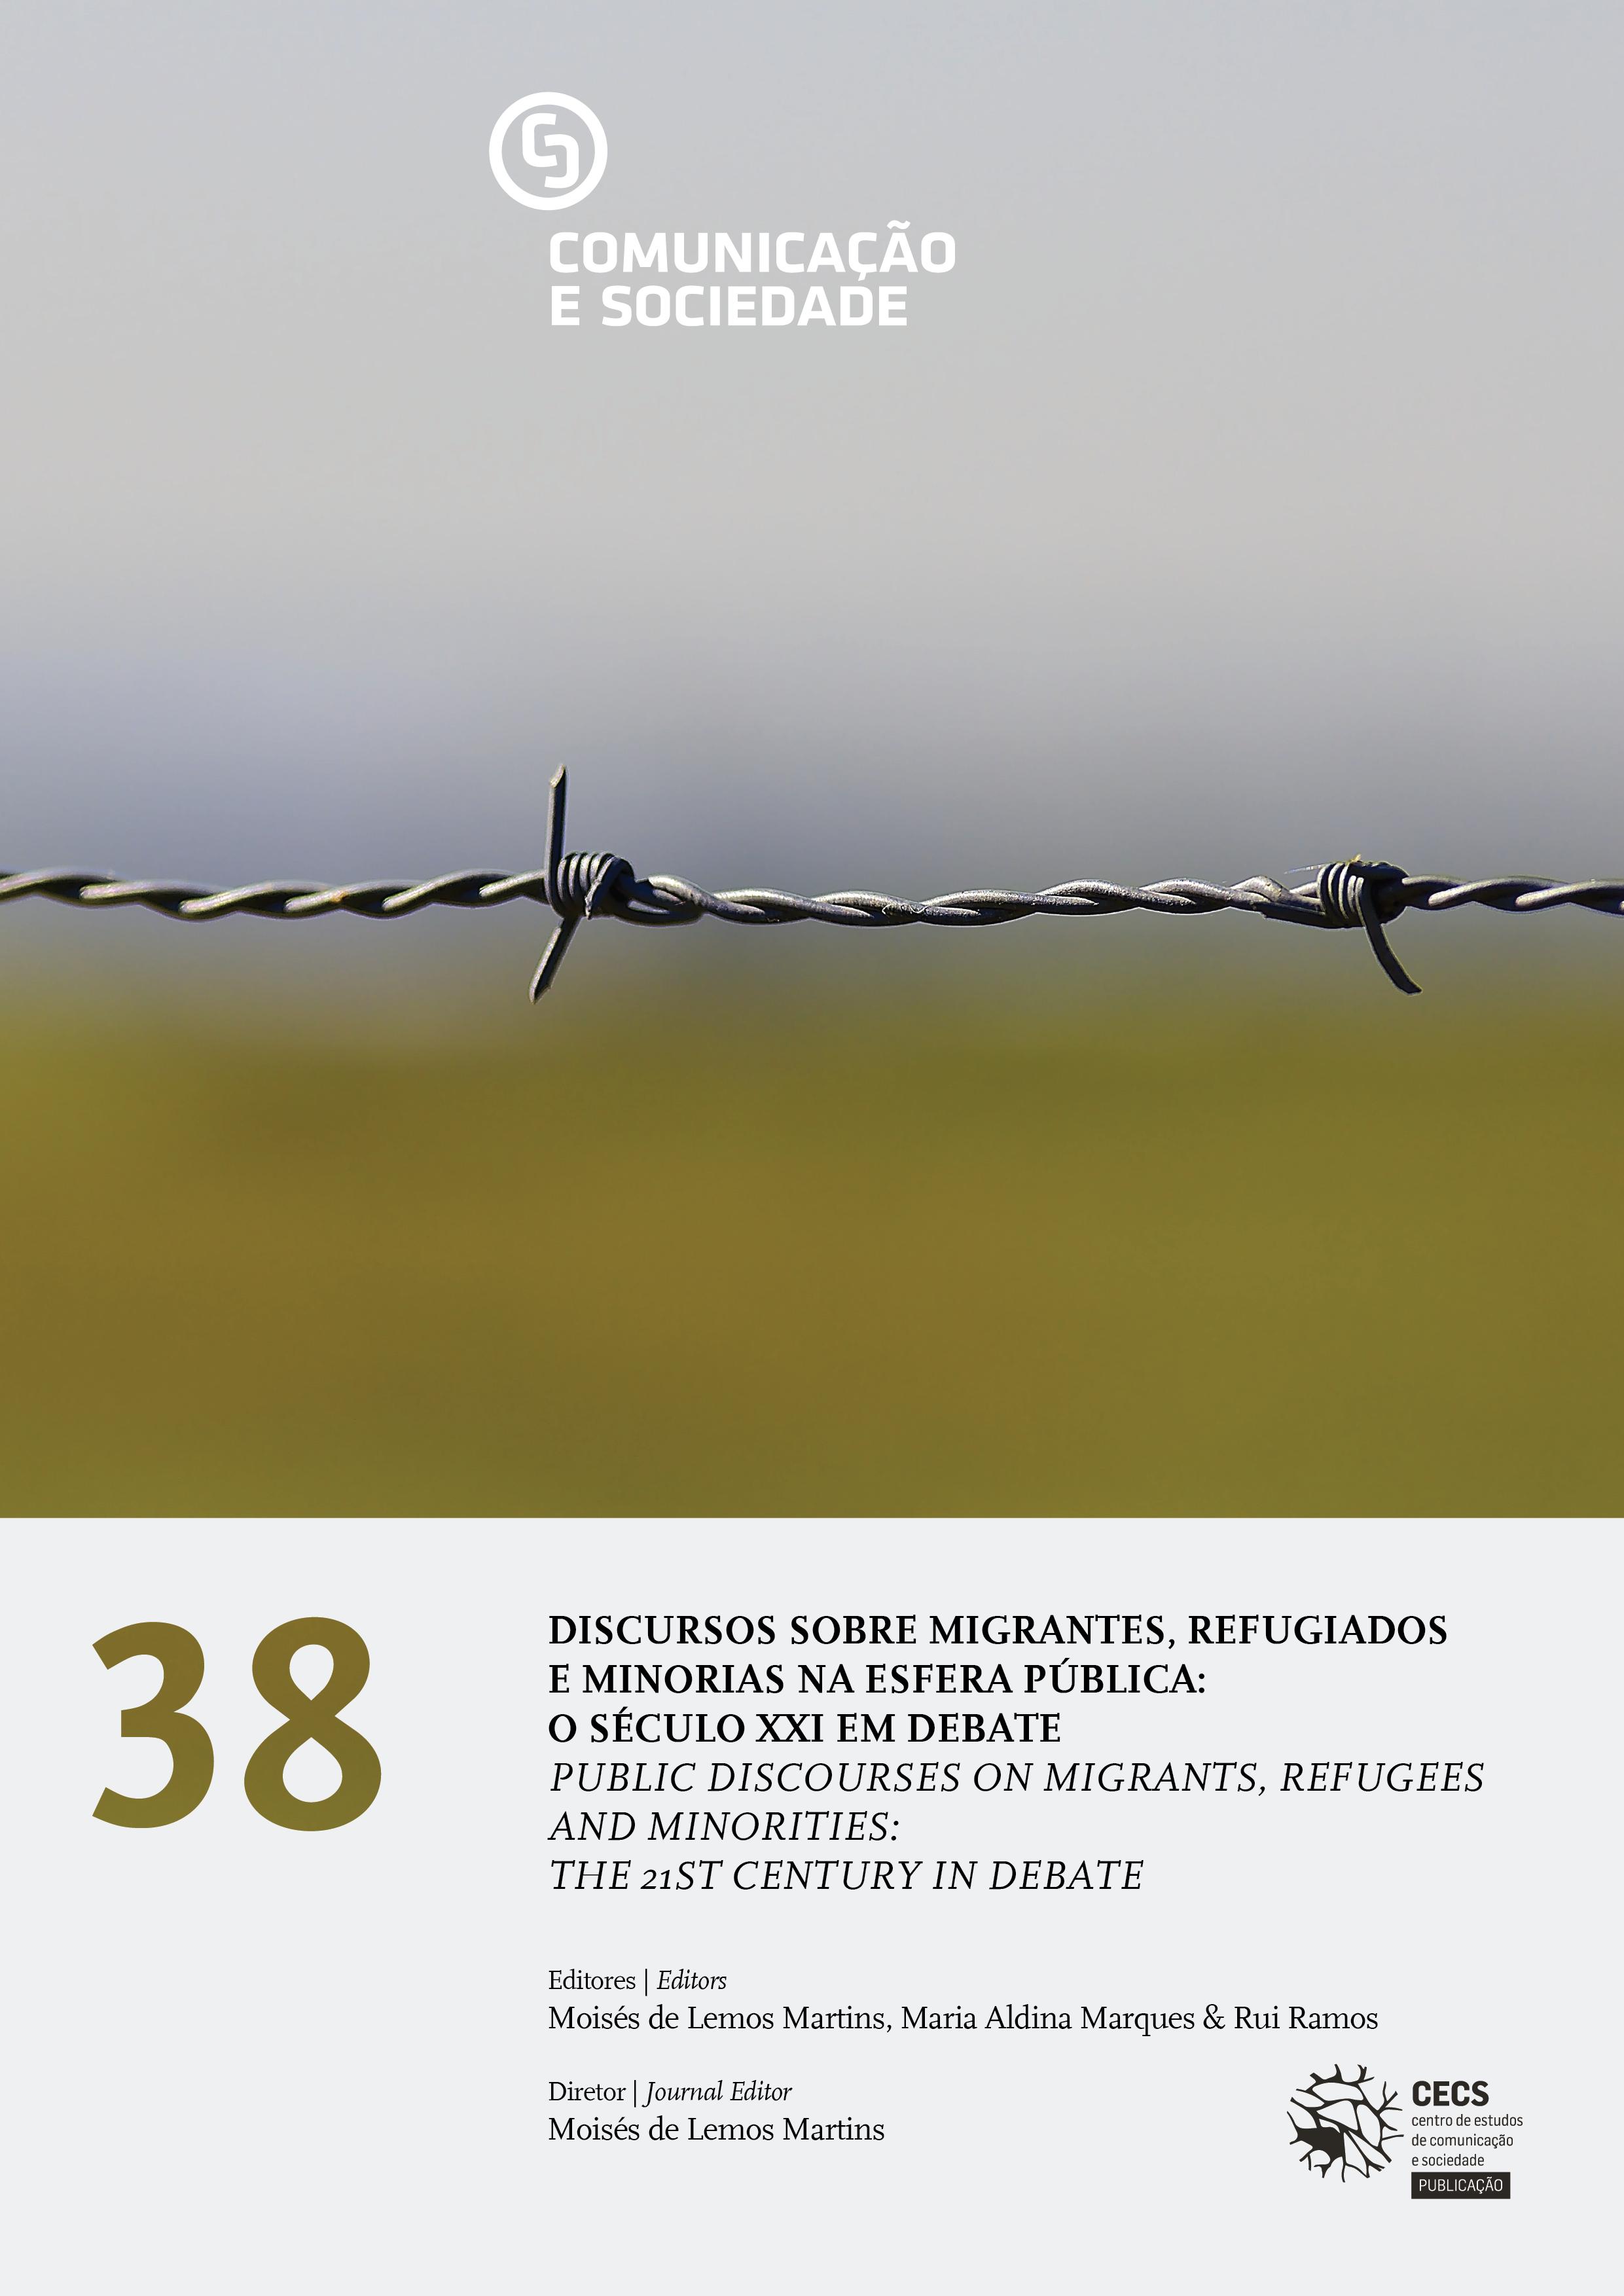 """Disponível nova Comunicação e Sociedade dedicada ao tema """"Discursos sobre migrantes, refugiados e minorias na esfera pública: o século XXI em debate"""""""